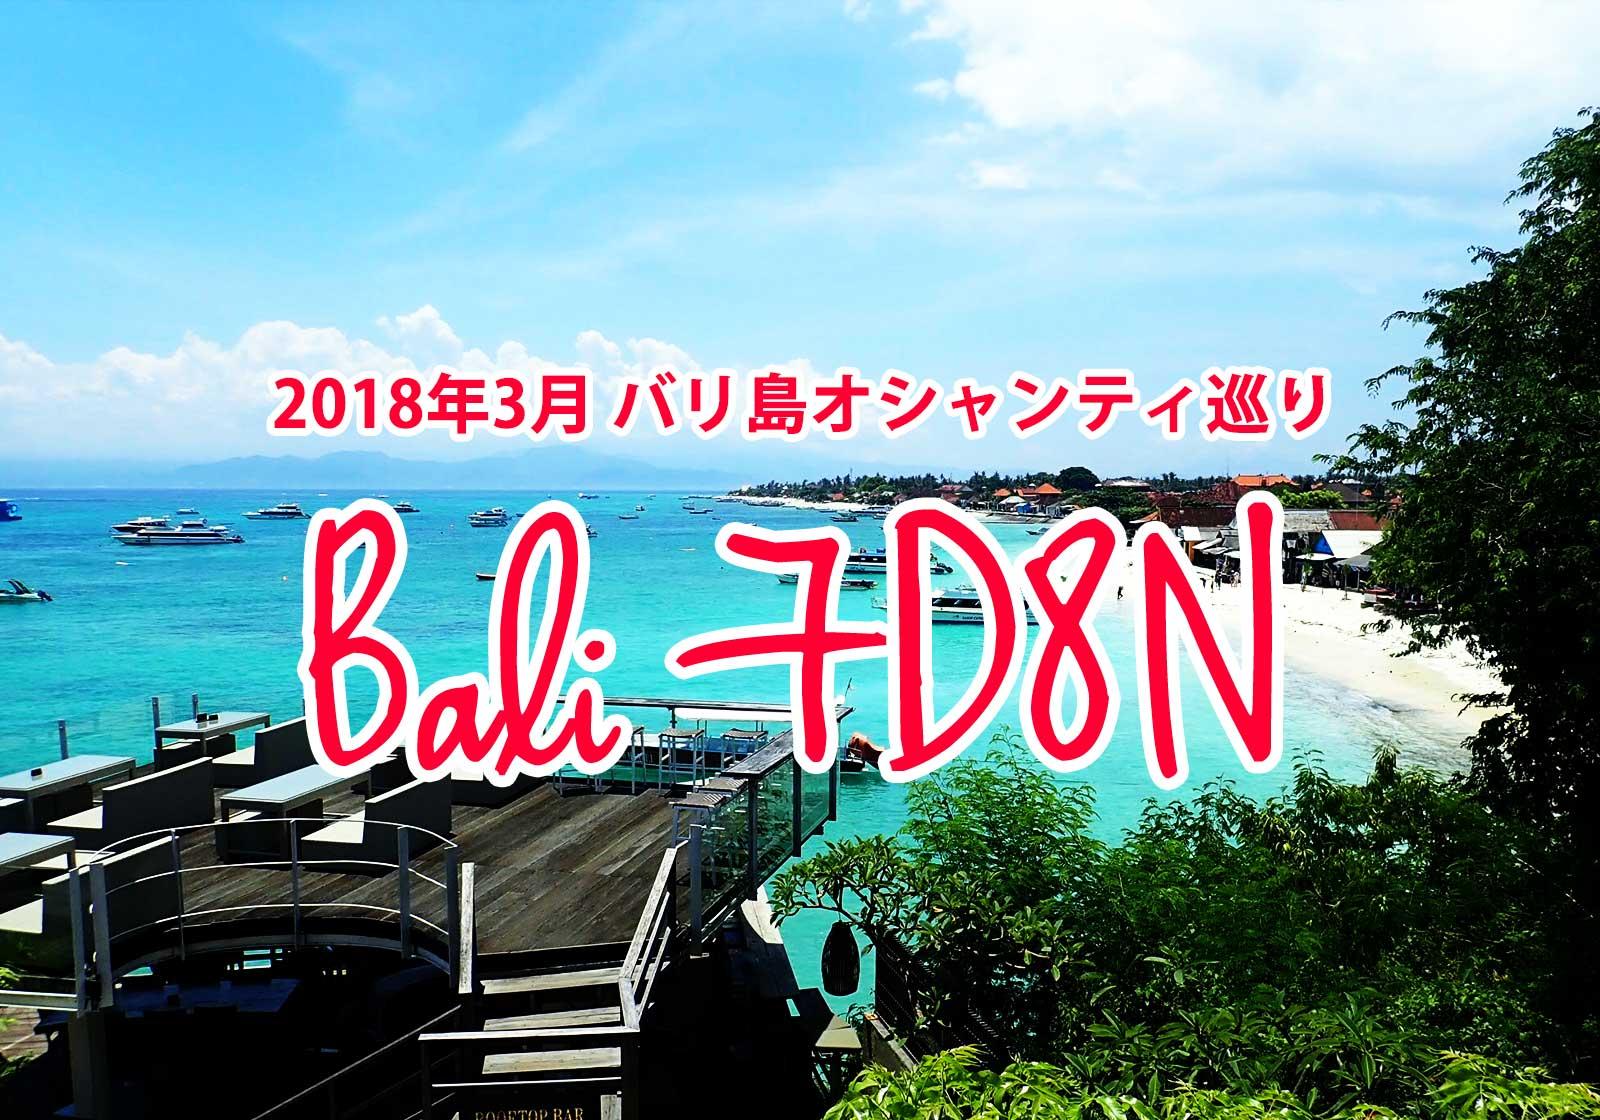 バリ島旅行・到着日にやること(空港移動・買い物・両替・SIM・スカイガーデン)